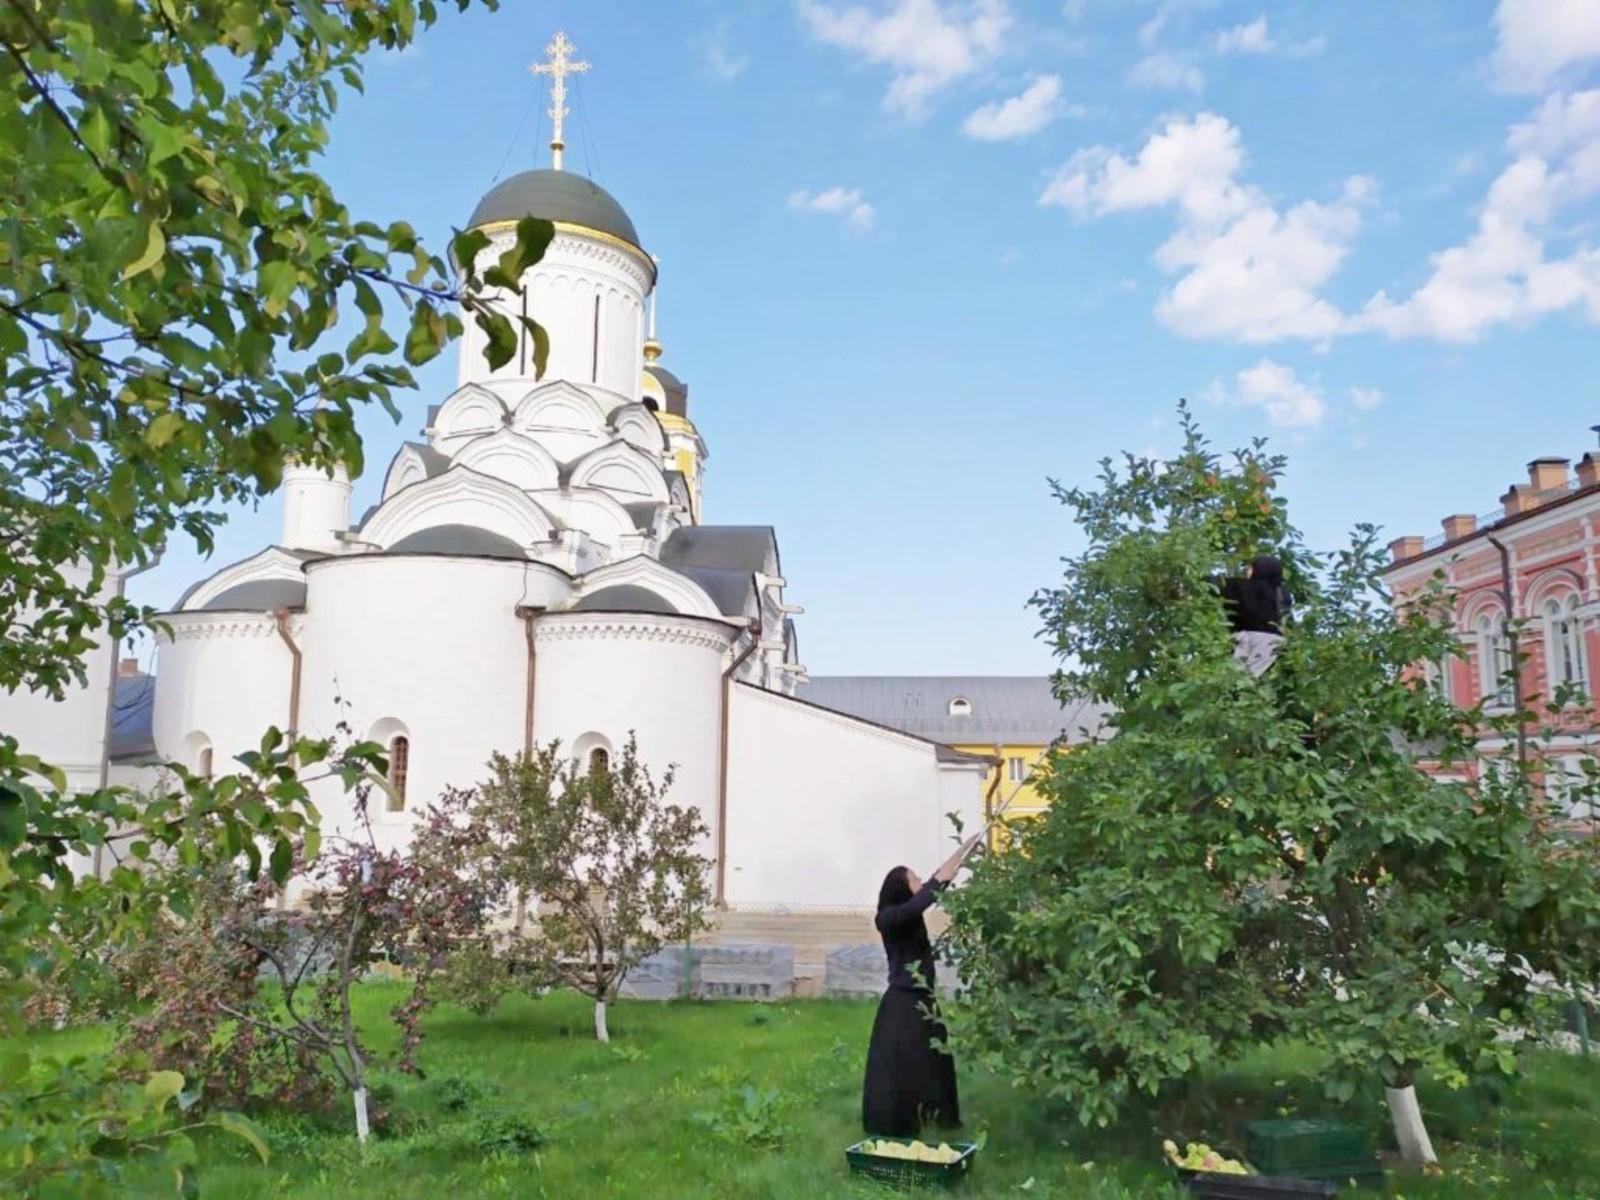 Кто такие монахи: люди на тяжёлом пути к богу